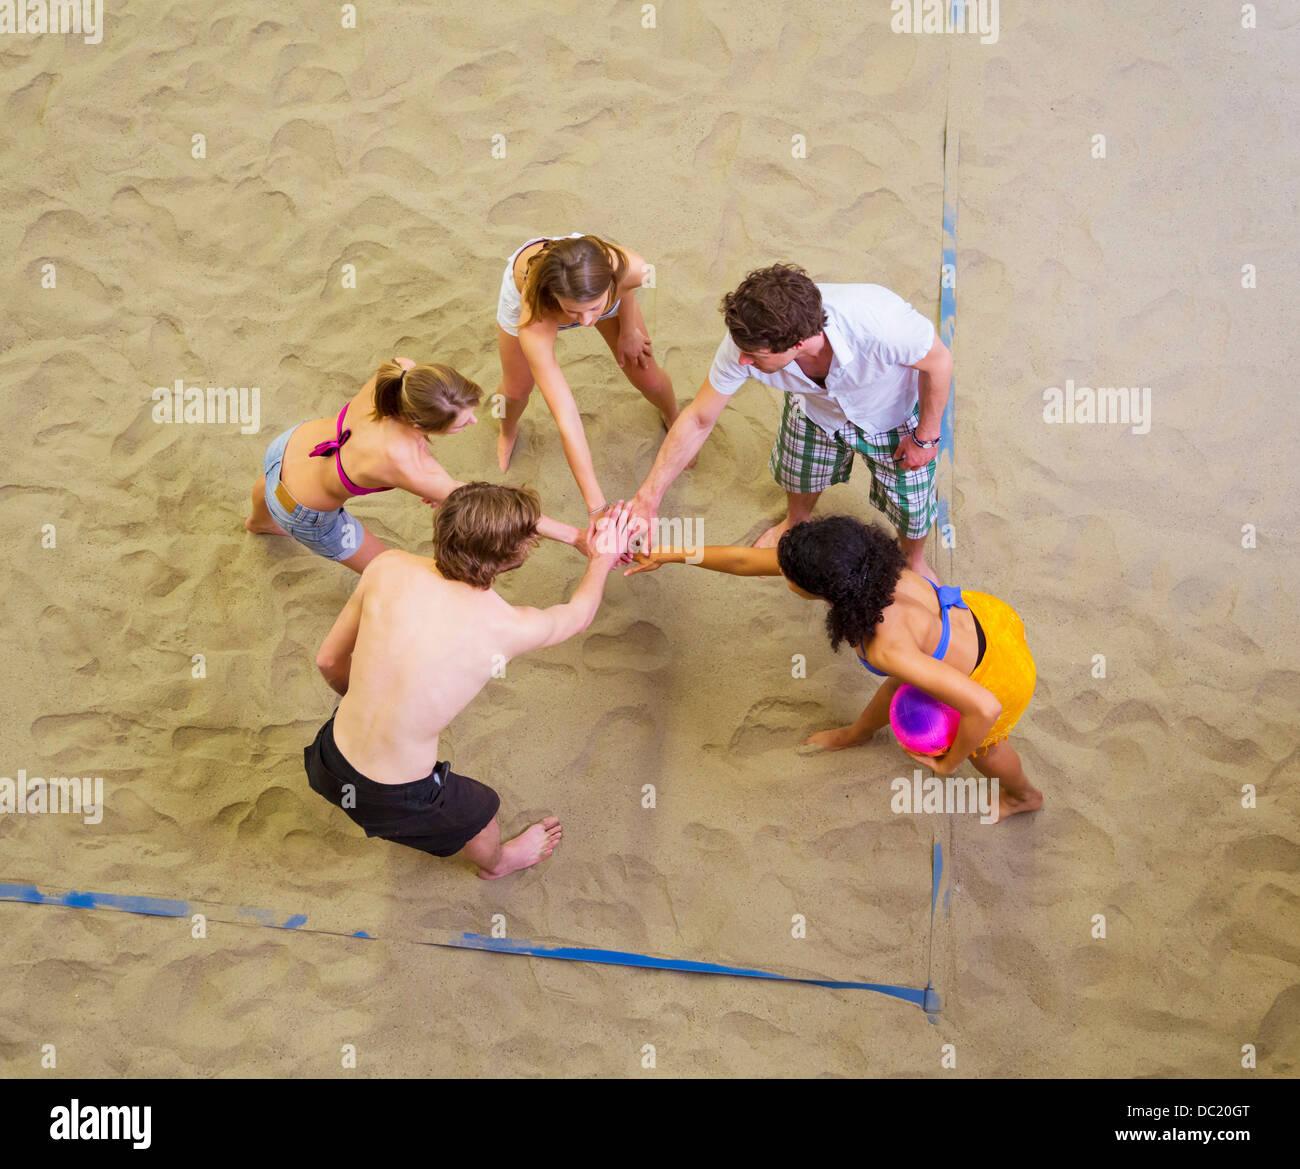 Vista aerea del team amici parlare in piscina beach volley Immagini Stock